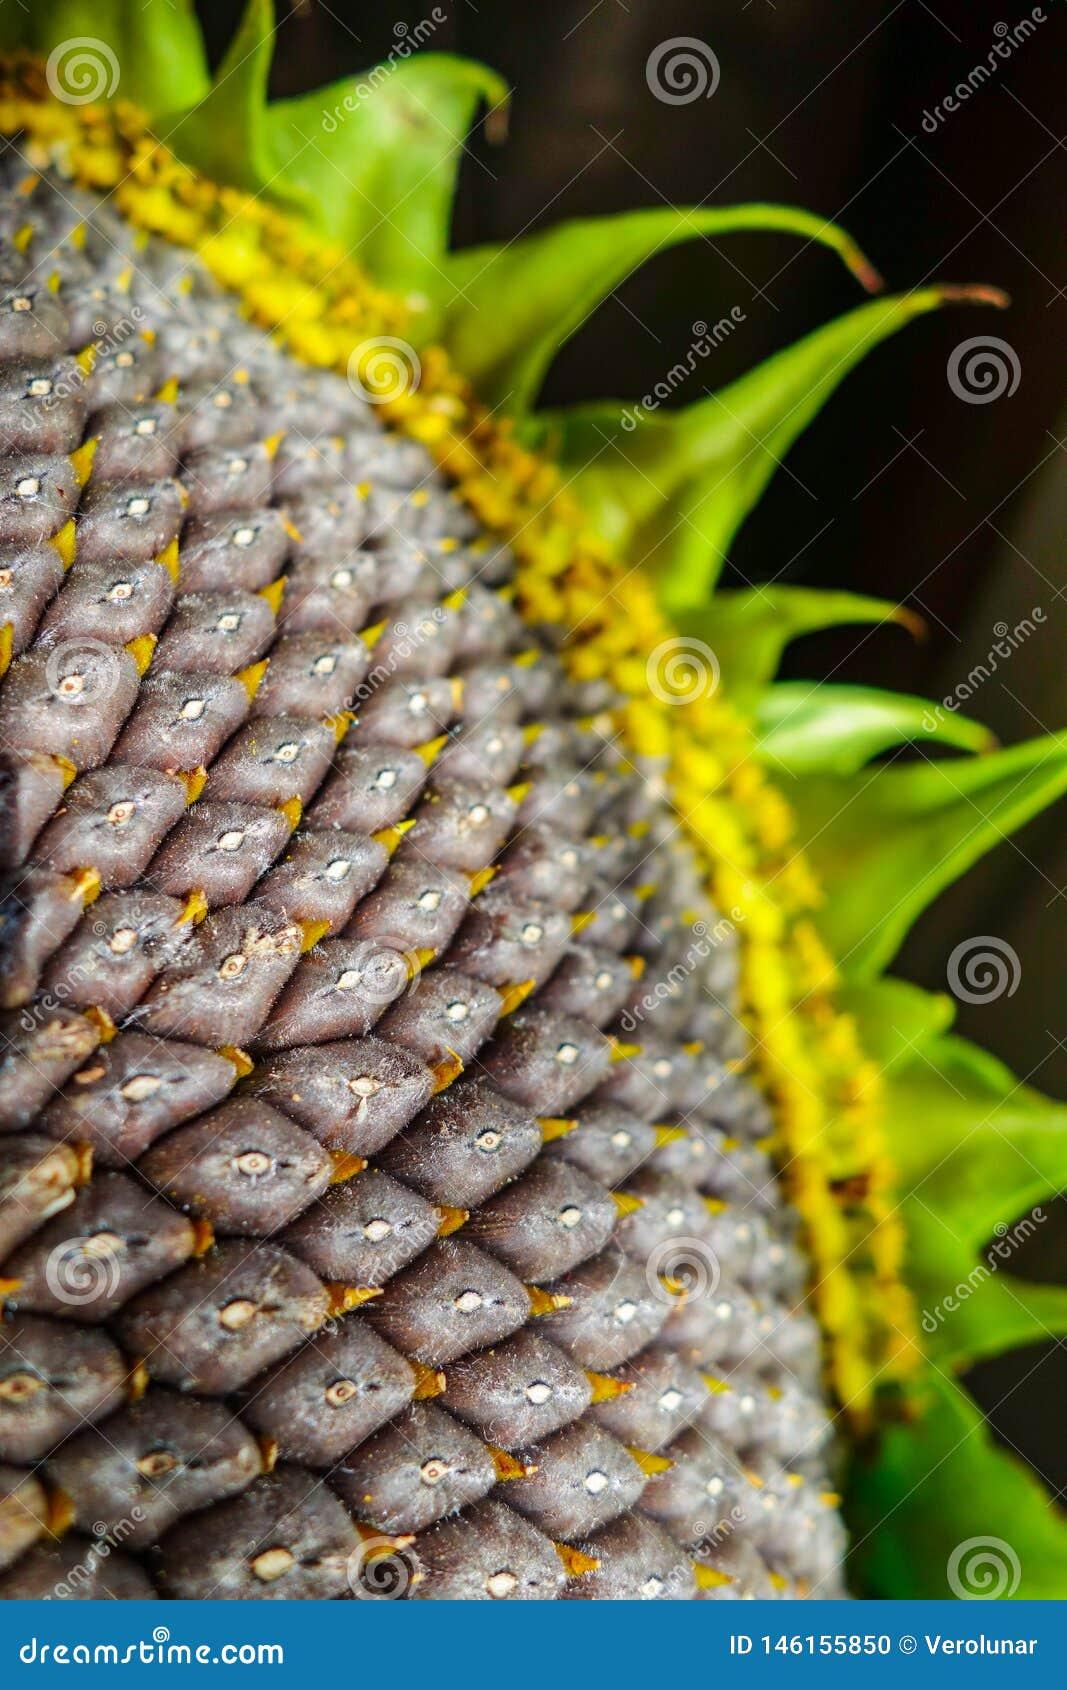 Fondo de semillas maduras en un girasol como concepto de la cosecha